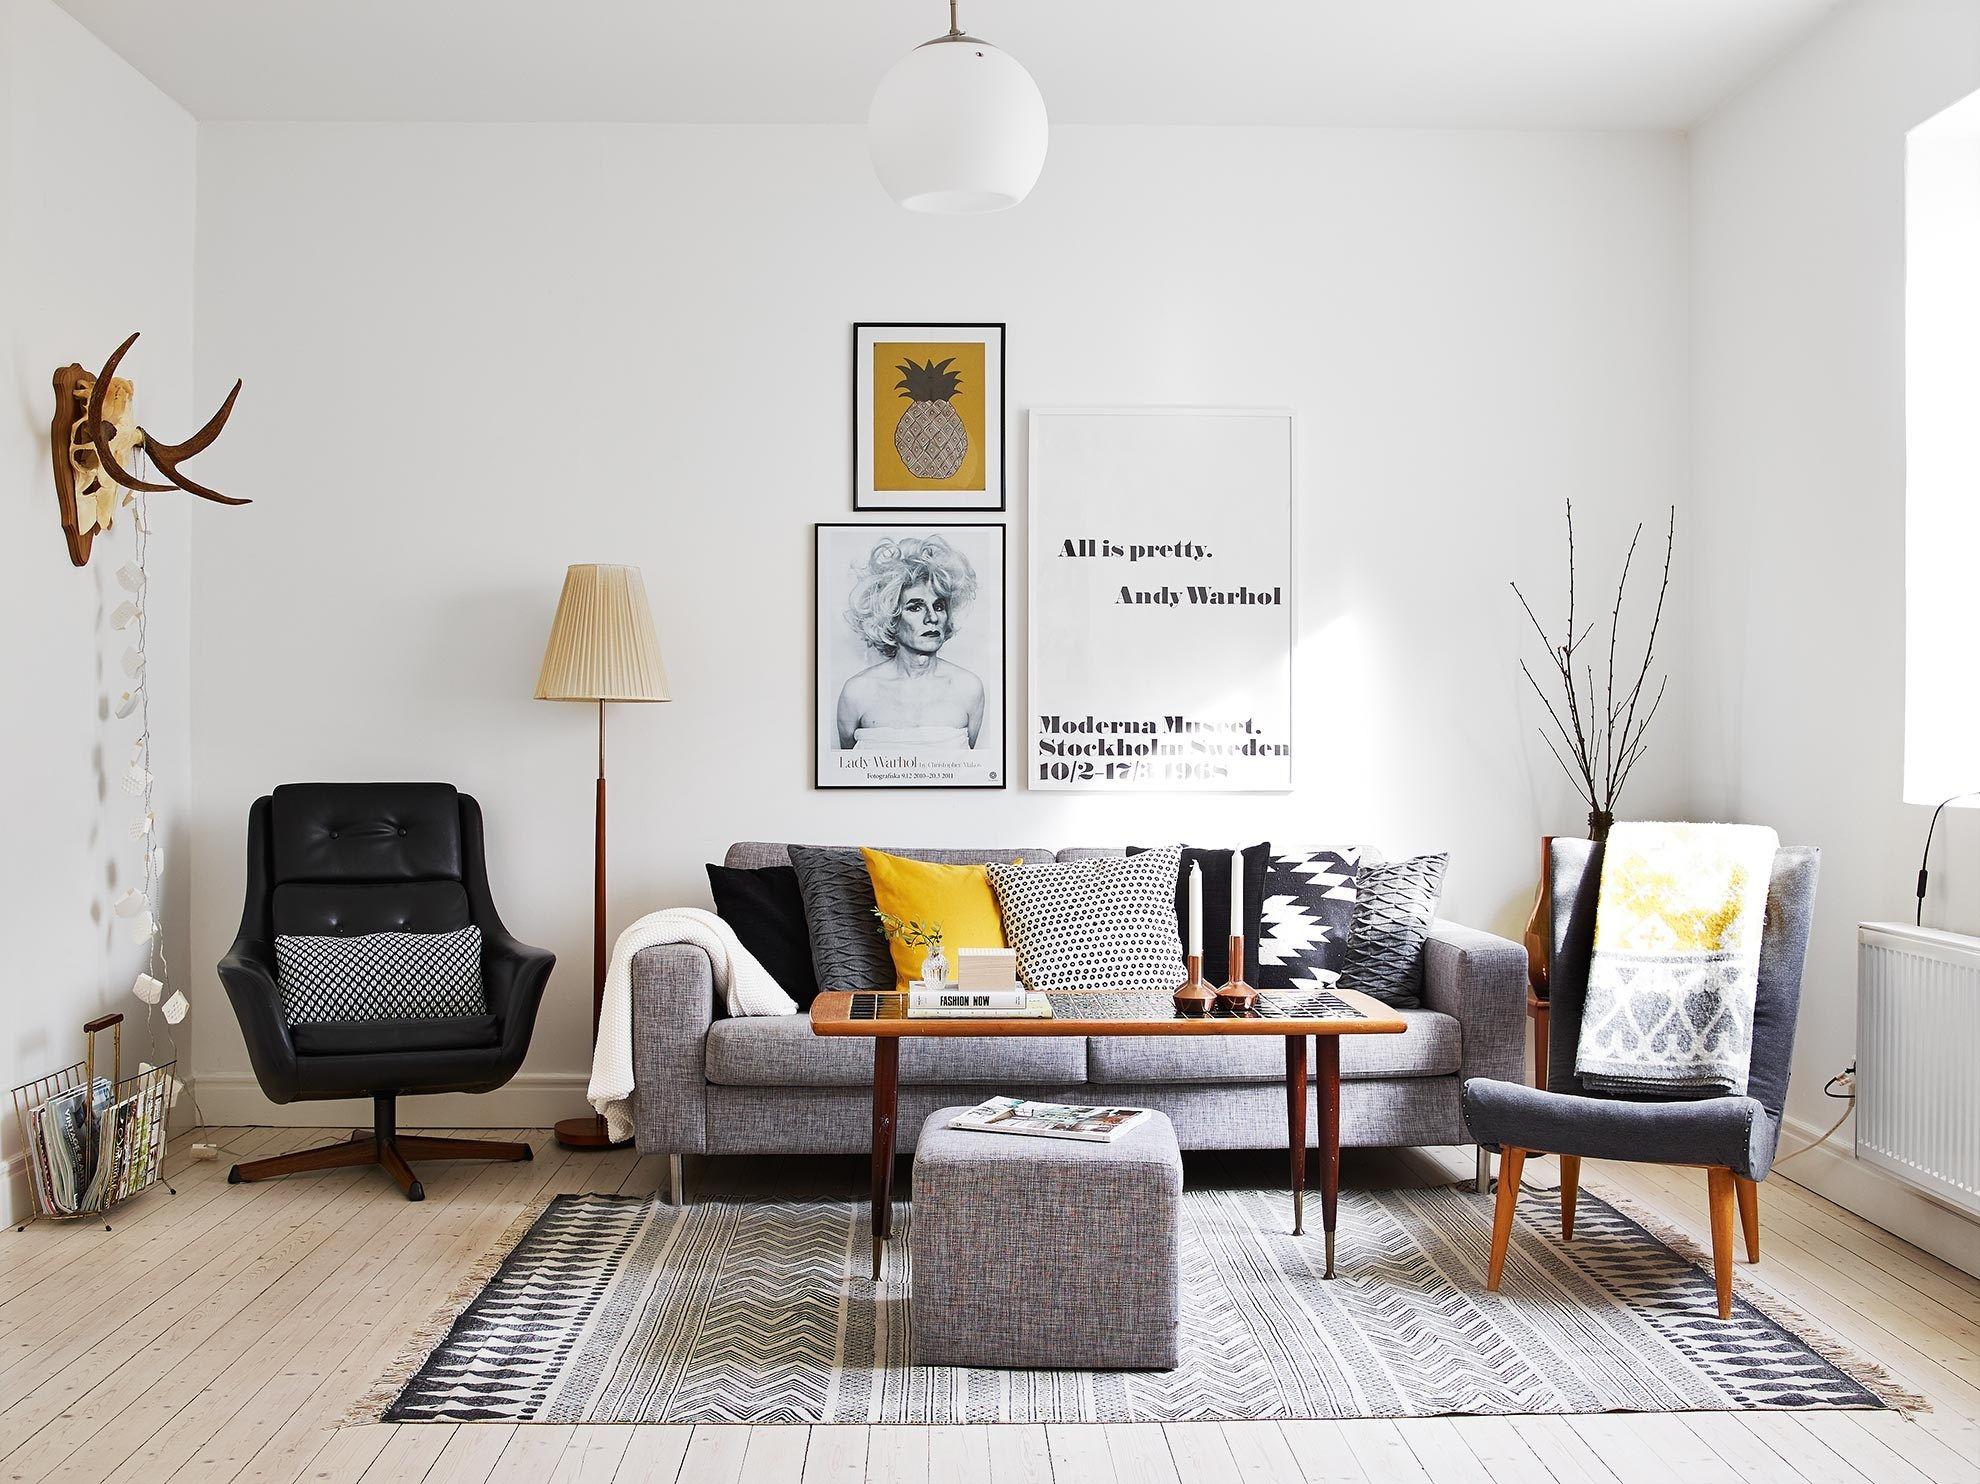 Estilo vintage decoracion de interiores hamaca para saln for App para decorar interiores